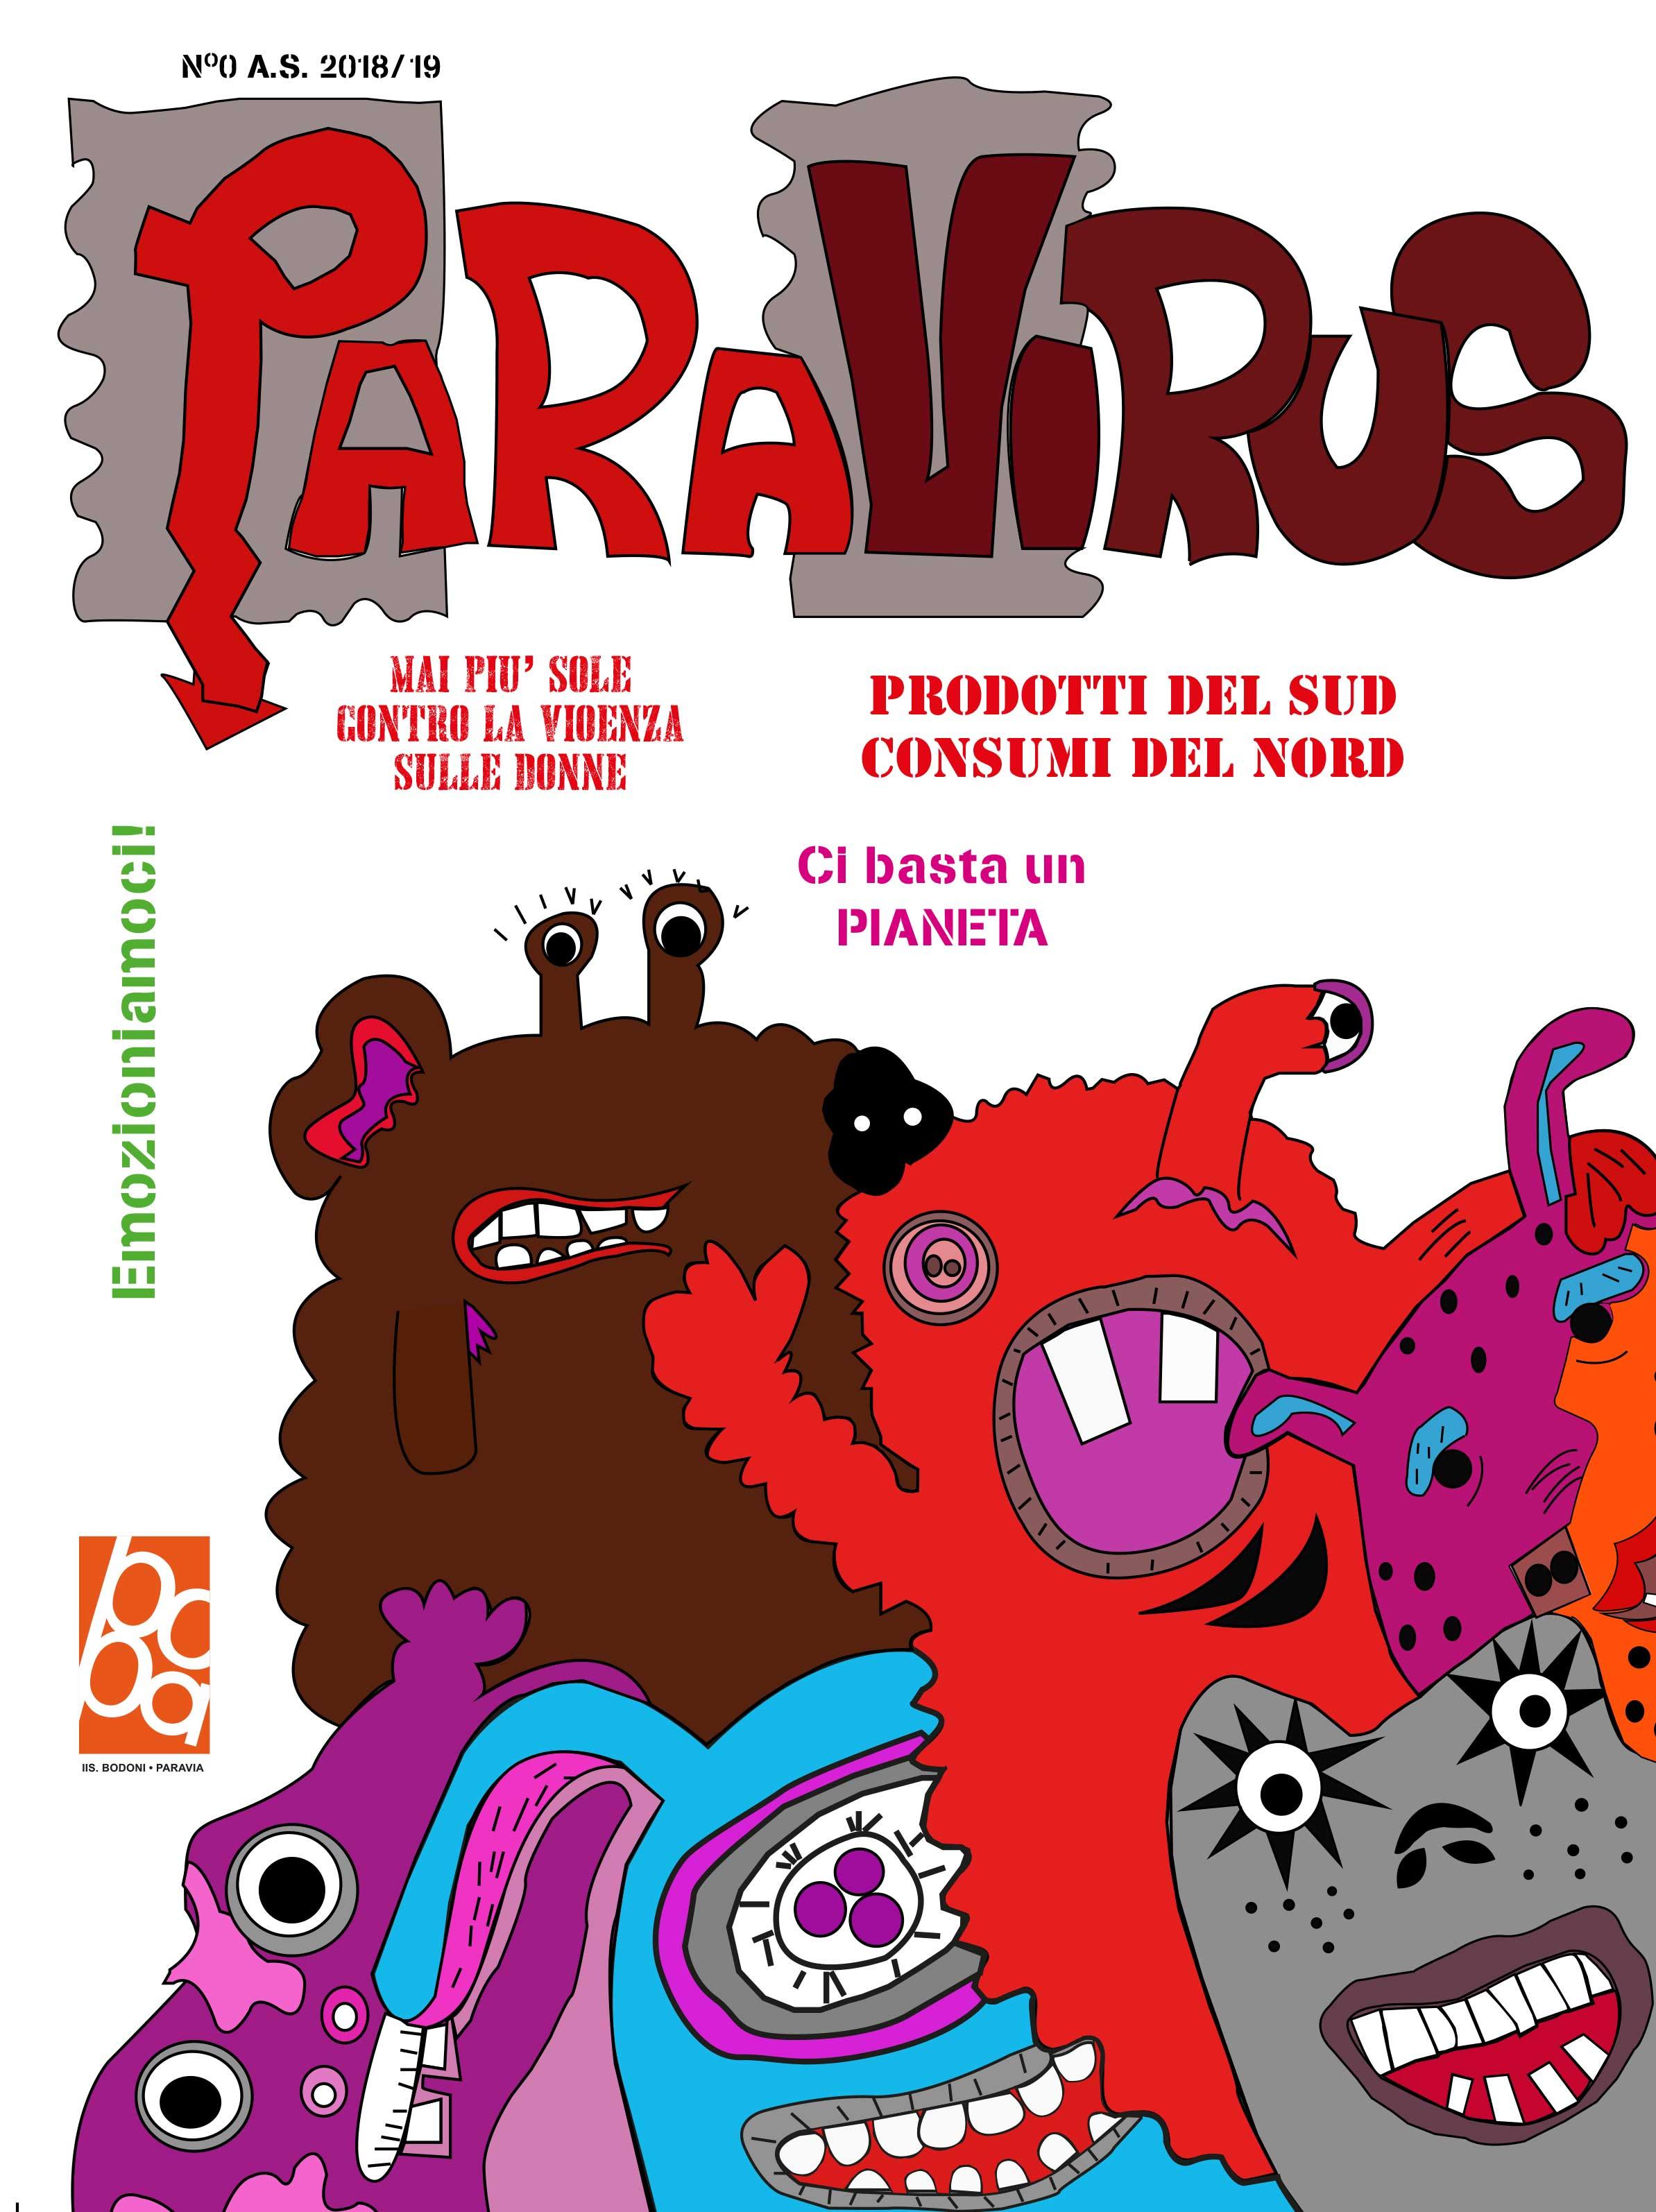 copertina-paravirus-copia-1.jpg